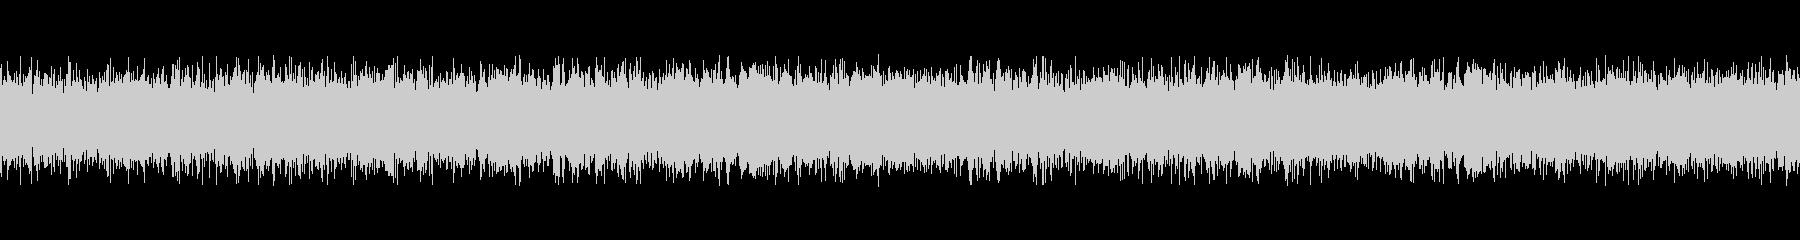 川の激しいせせらぎ2 (ループ仕様)の未再生の波形